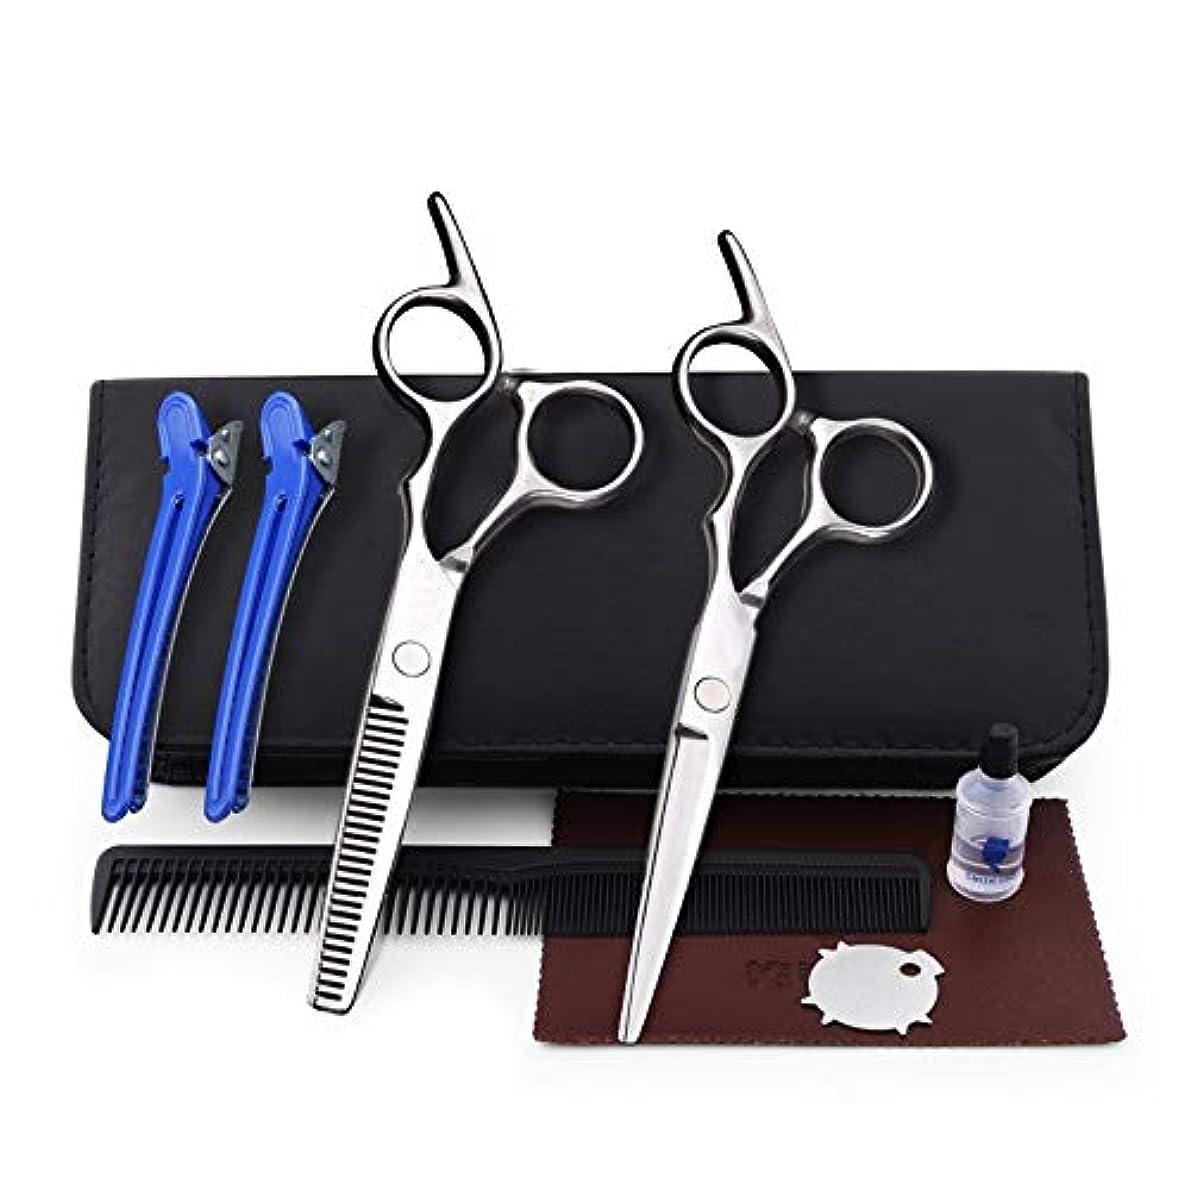 信頼性この名誉ある6.0インチ理髪はさみ、ヘアーサロンファミリーはさみセットフラット+歯はさみセットコンビネーションツールセット ヘアケア (色 : Silver)